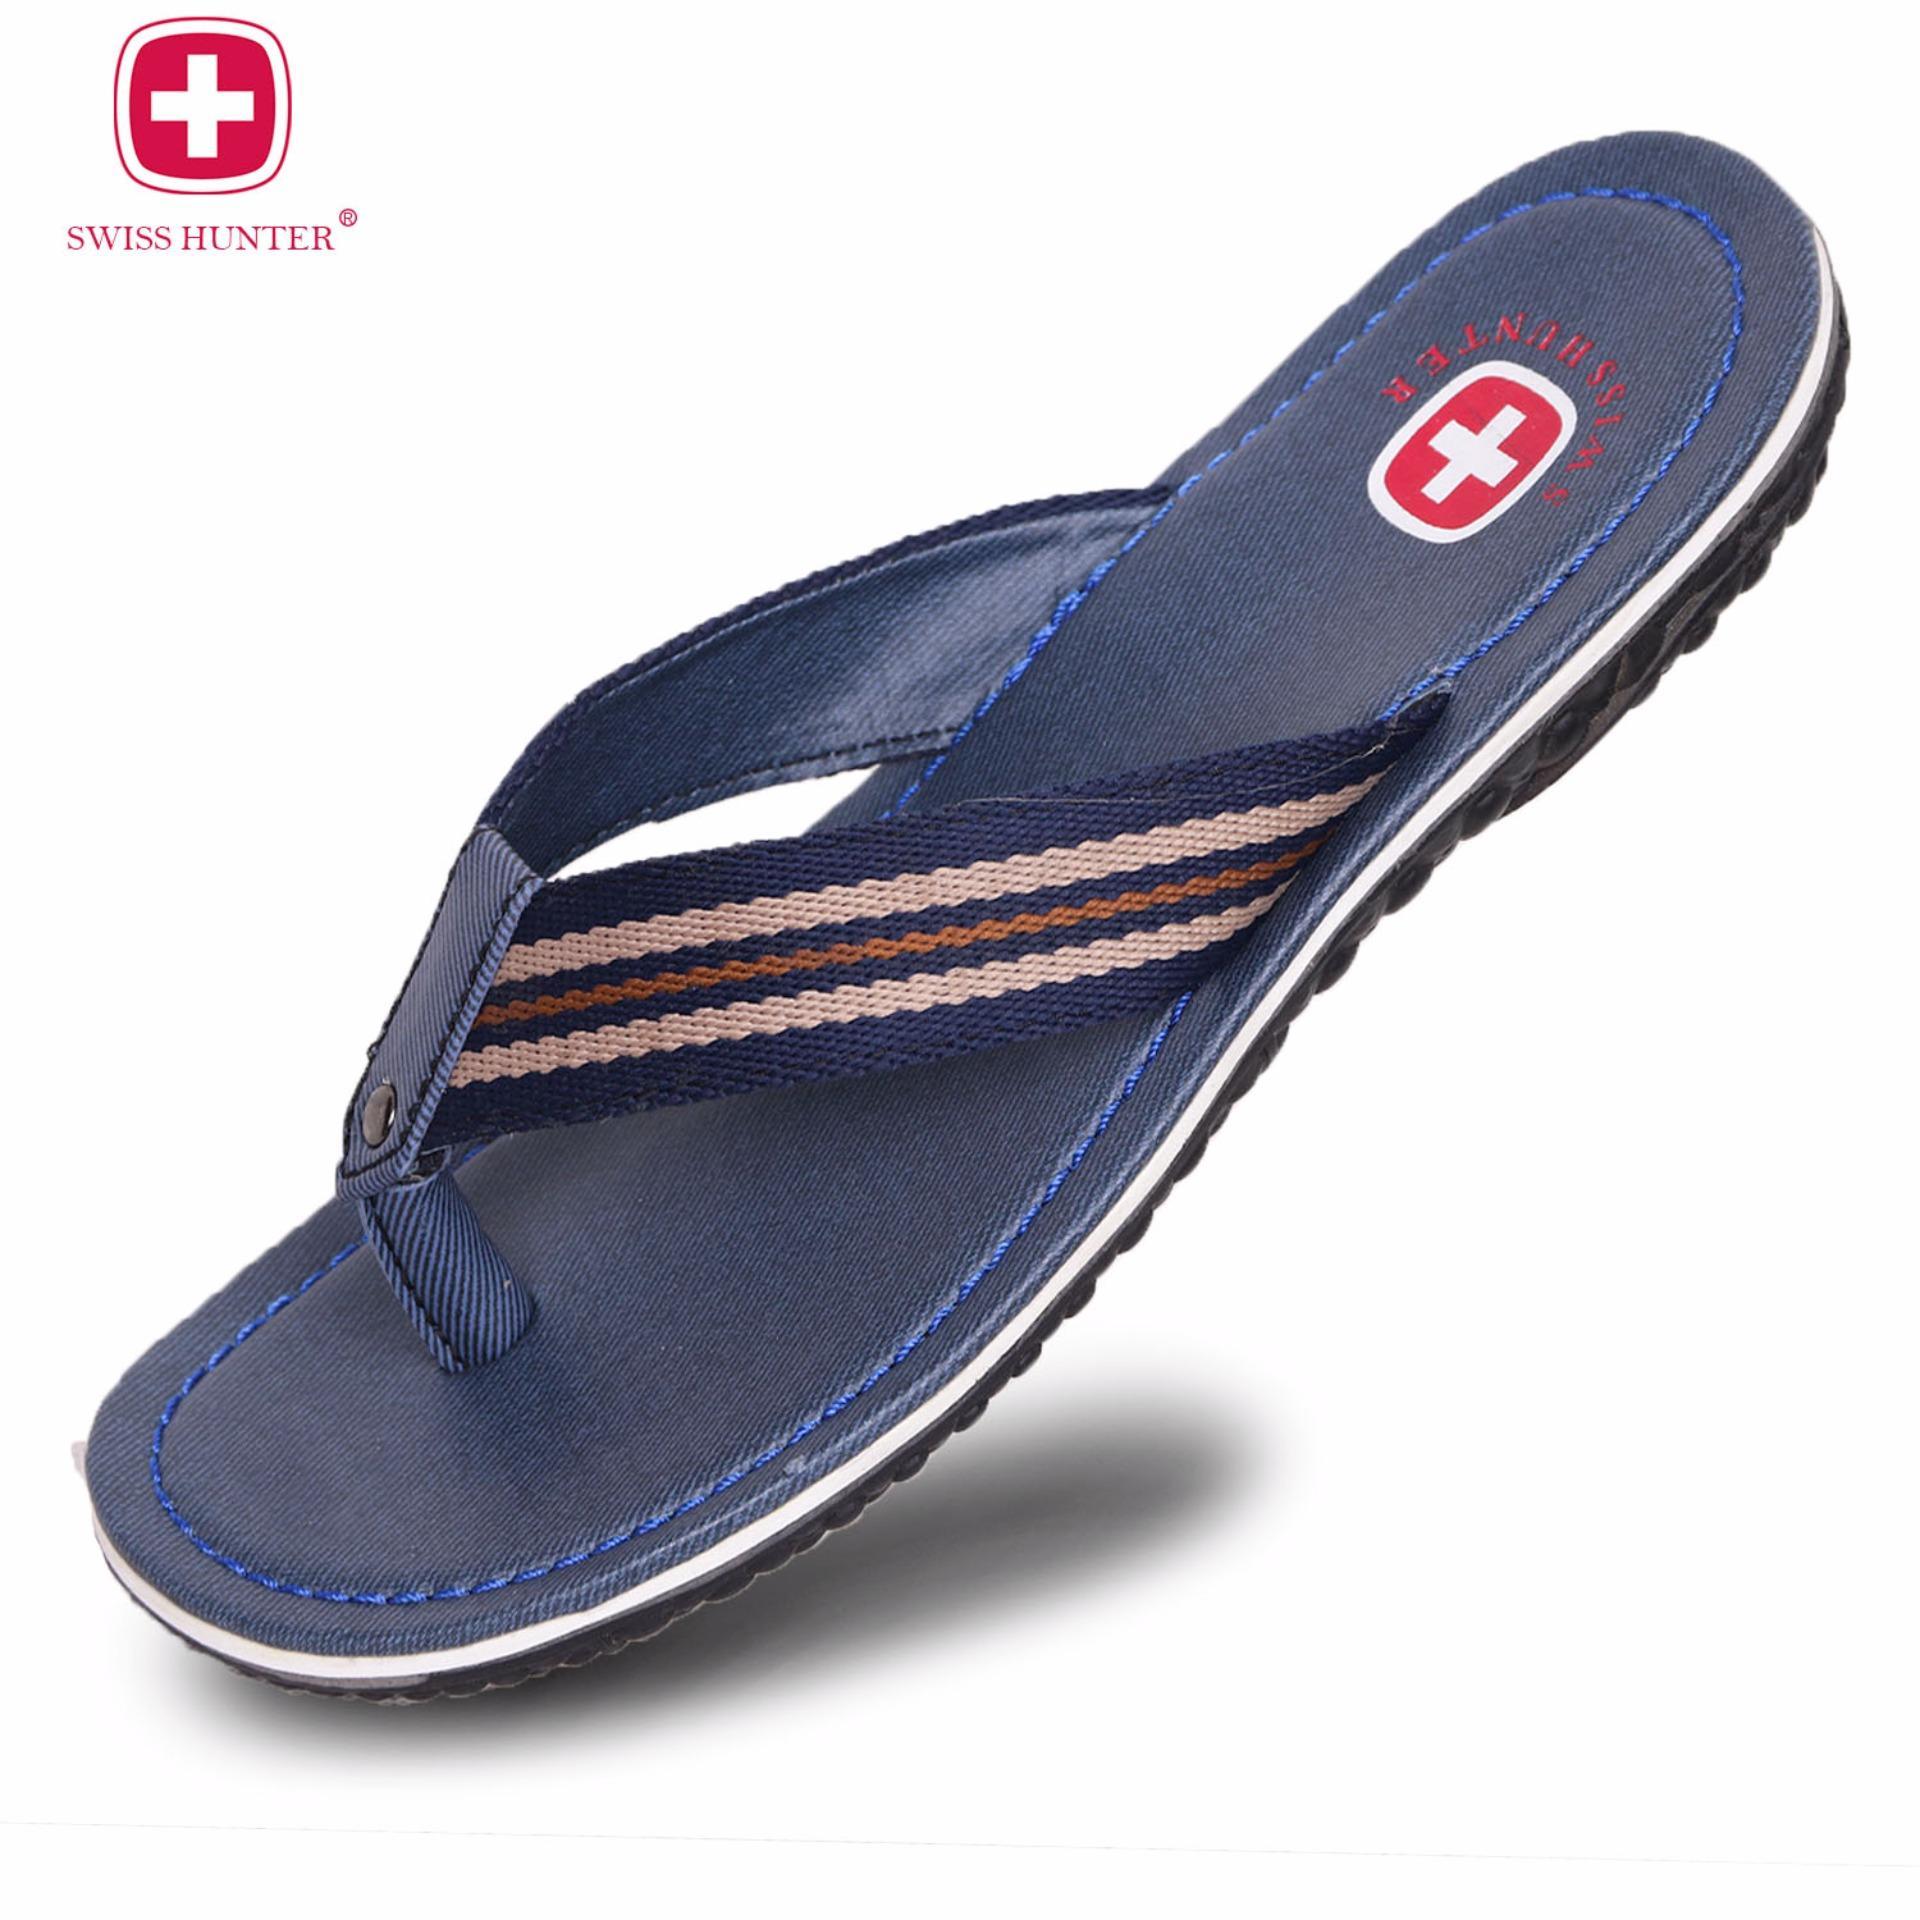 Jual Swiss Navy 6811m Murah Garansi Dan Berkualitas Id Store Jam Tangan Pria Hitam Rosegold Leather Strap Sn 8647 Rp 55000 Hunter Russel Sandal Navyidr55000